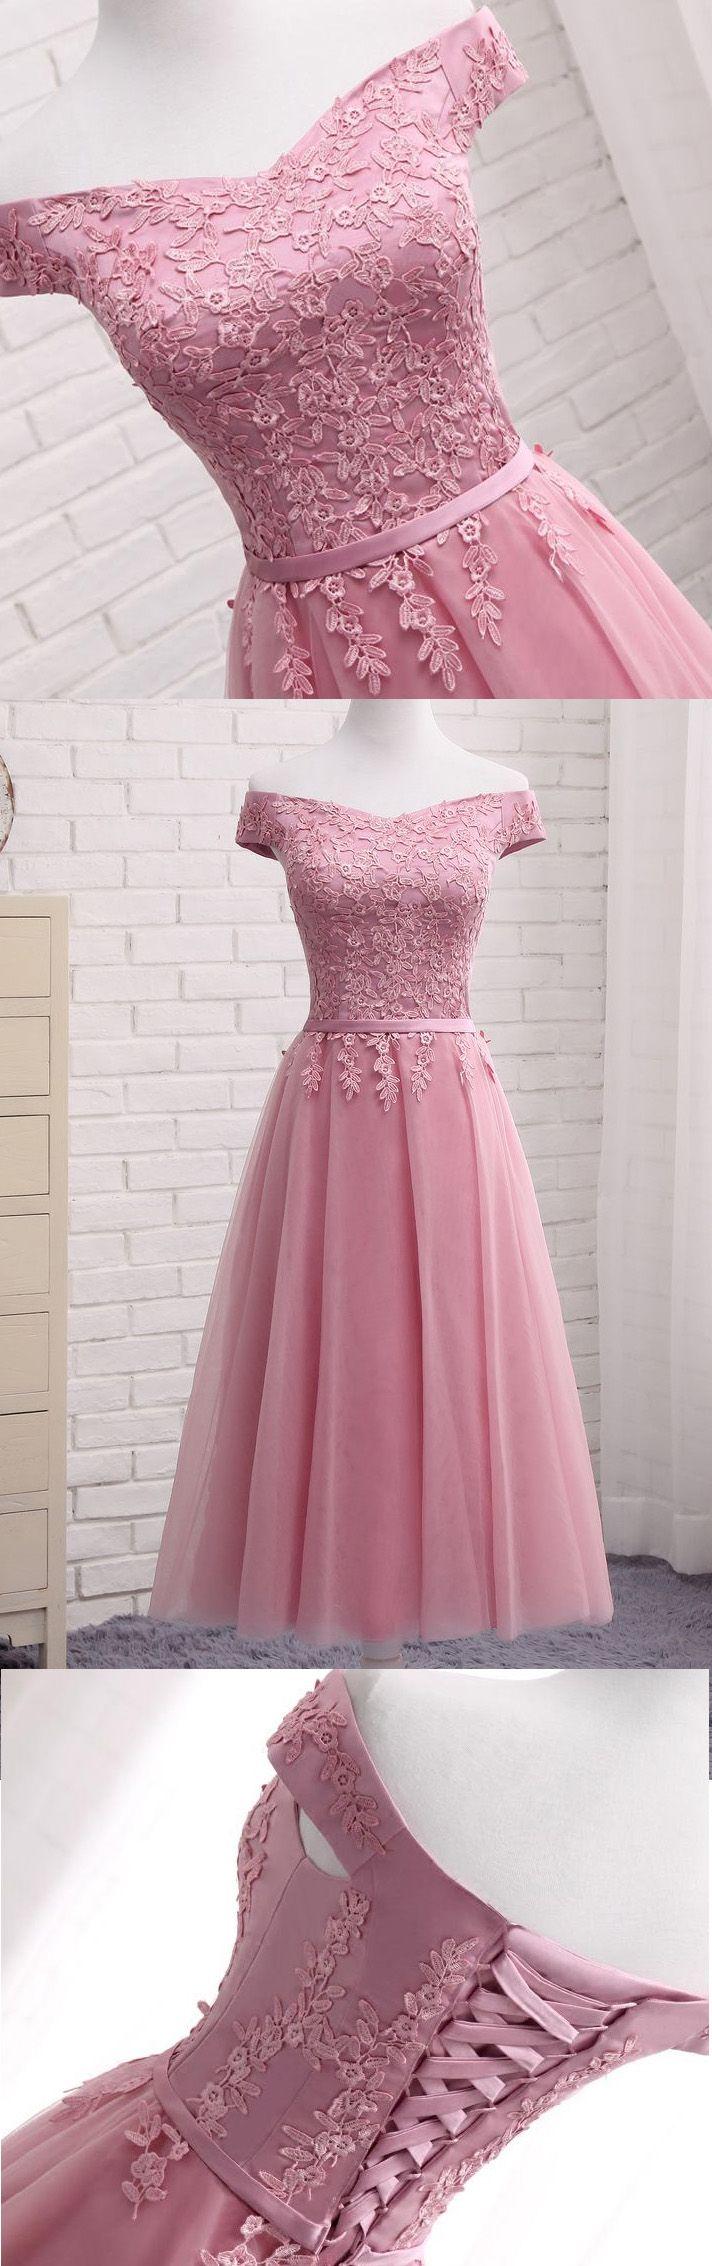 Short lace bridesmaid dresses lace bridesmaid dresses short tulle